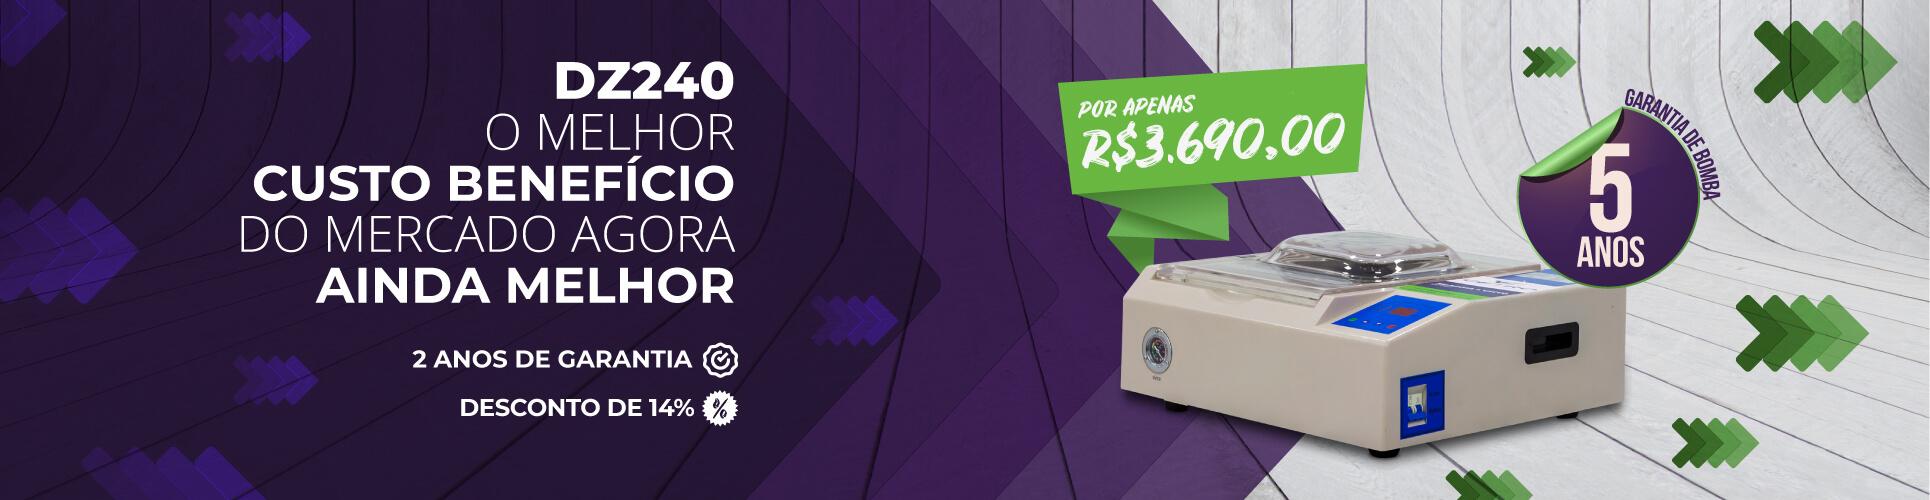 DZ240 Promo